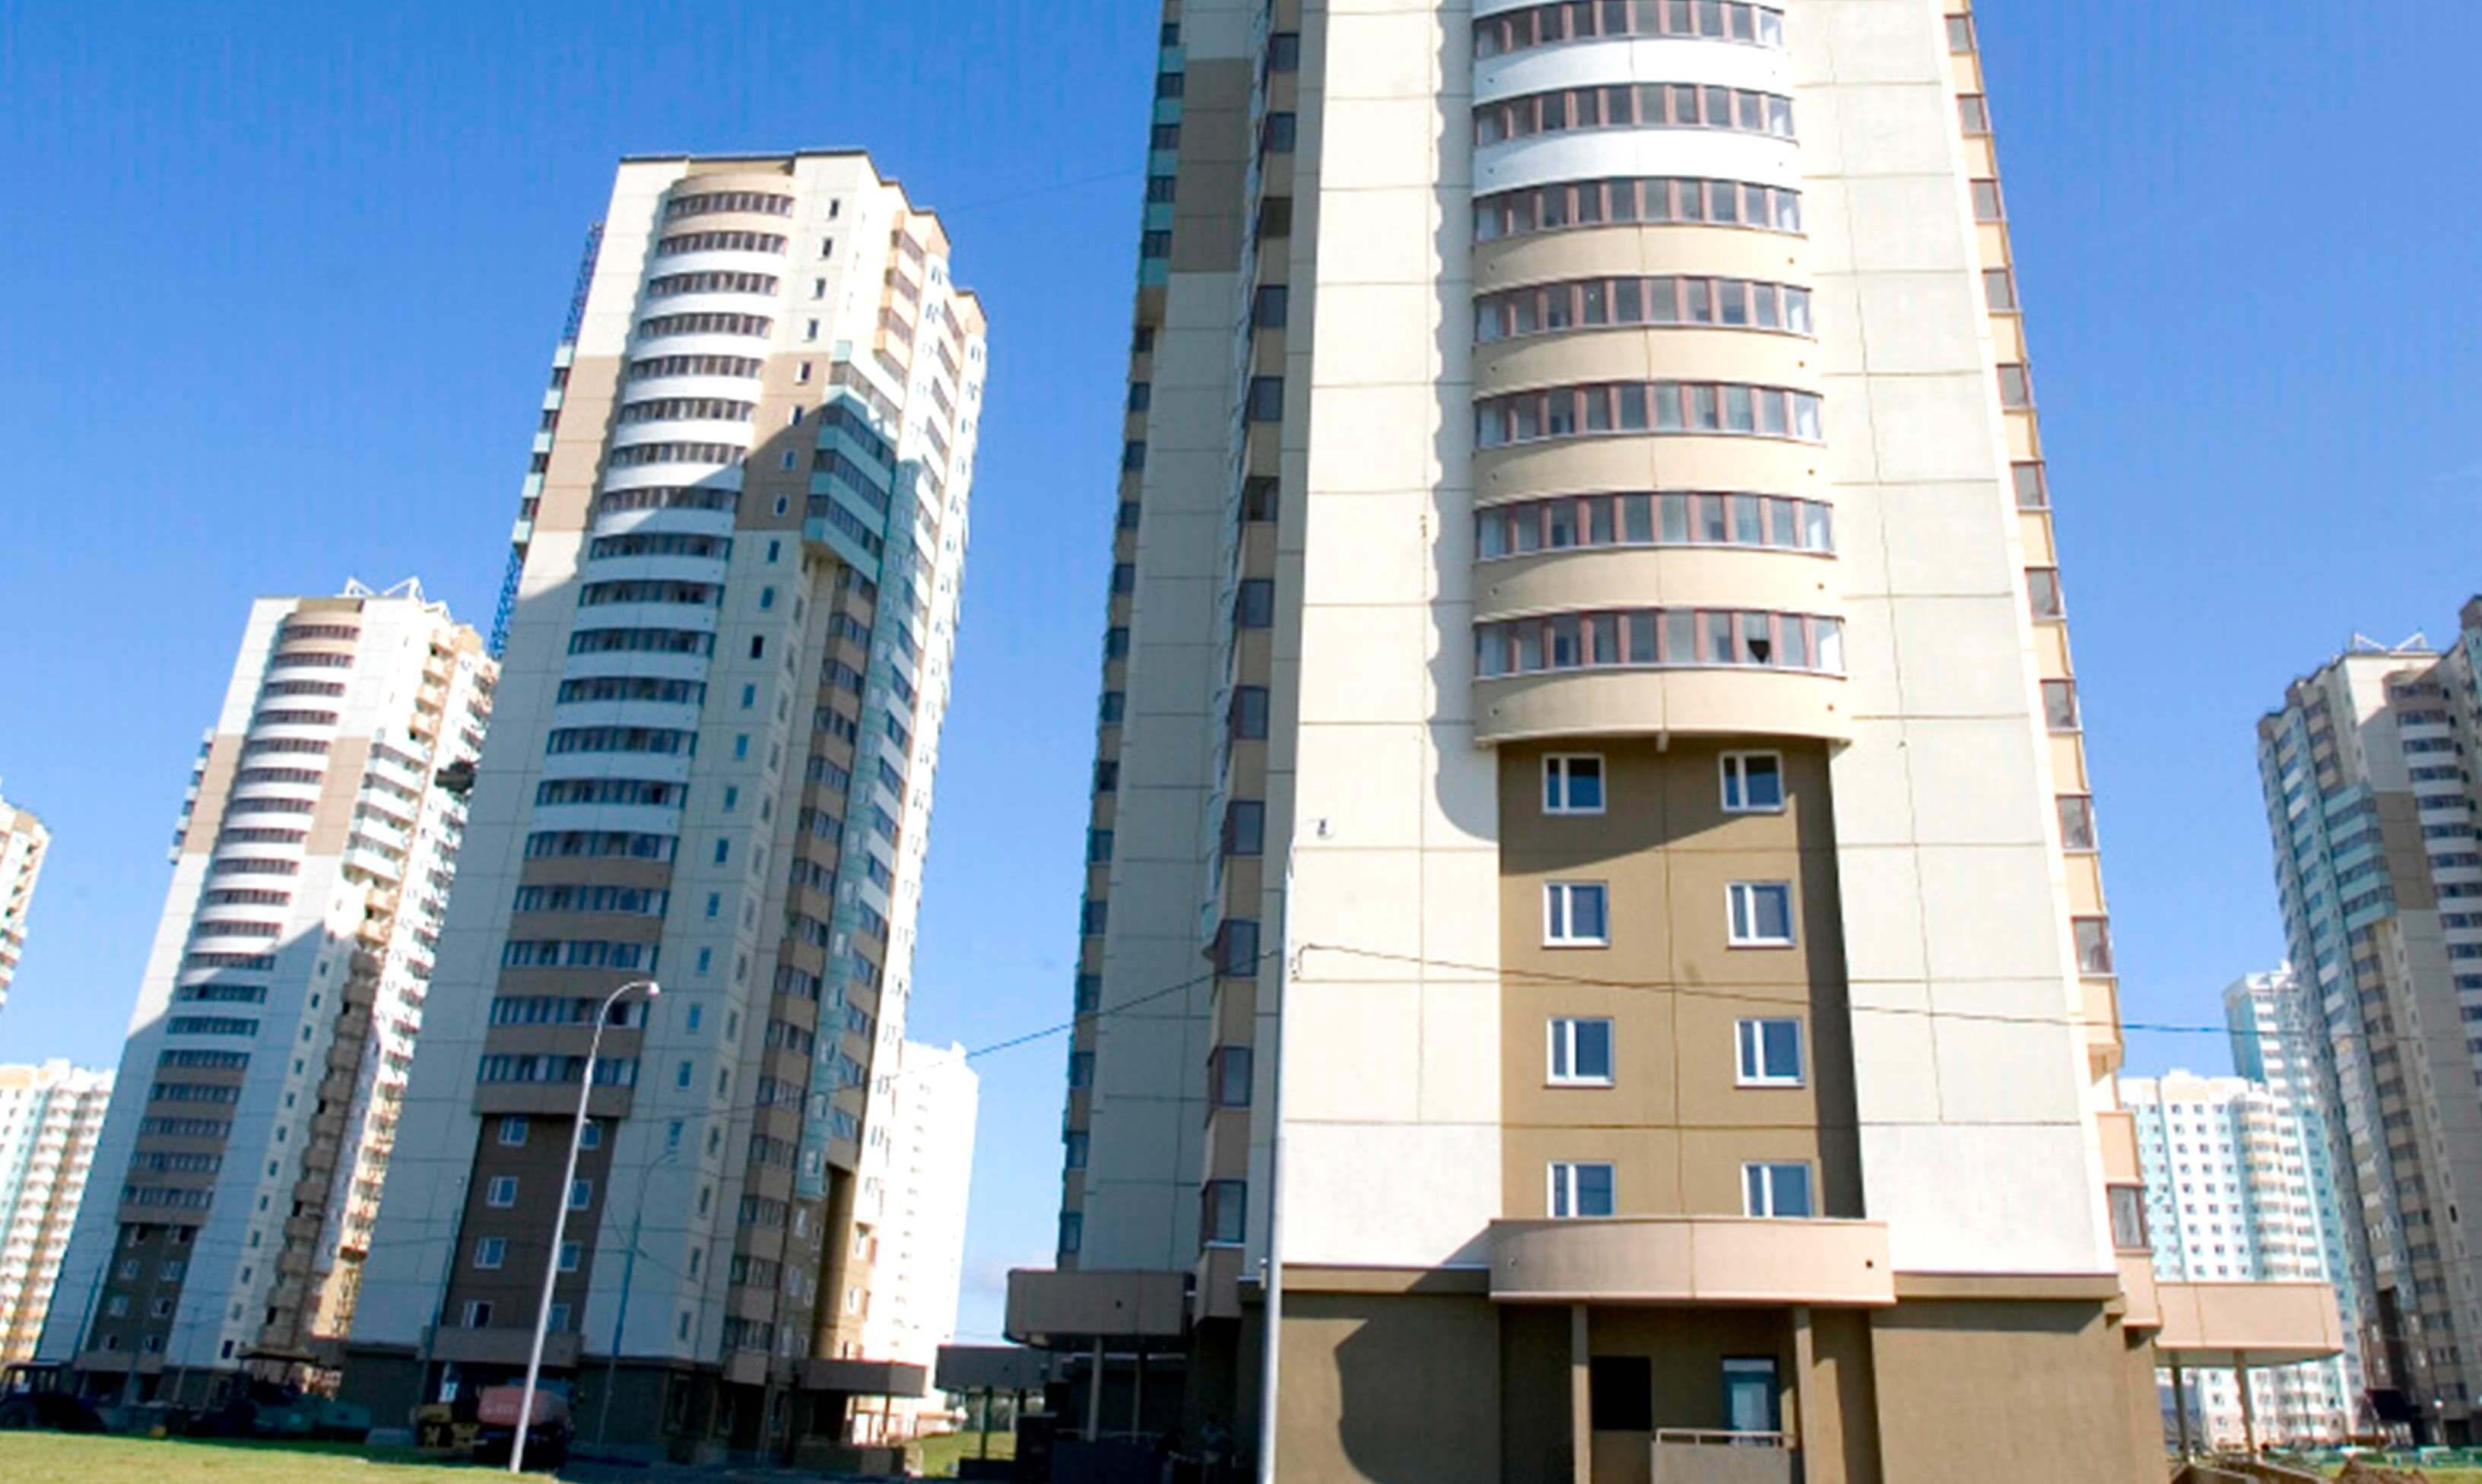 Фото дома серии И-155, башня. остекление теплое окнами ПВХ, белого цвета